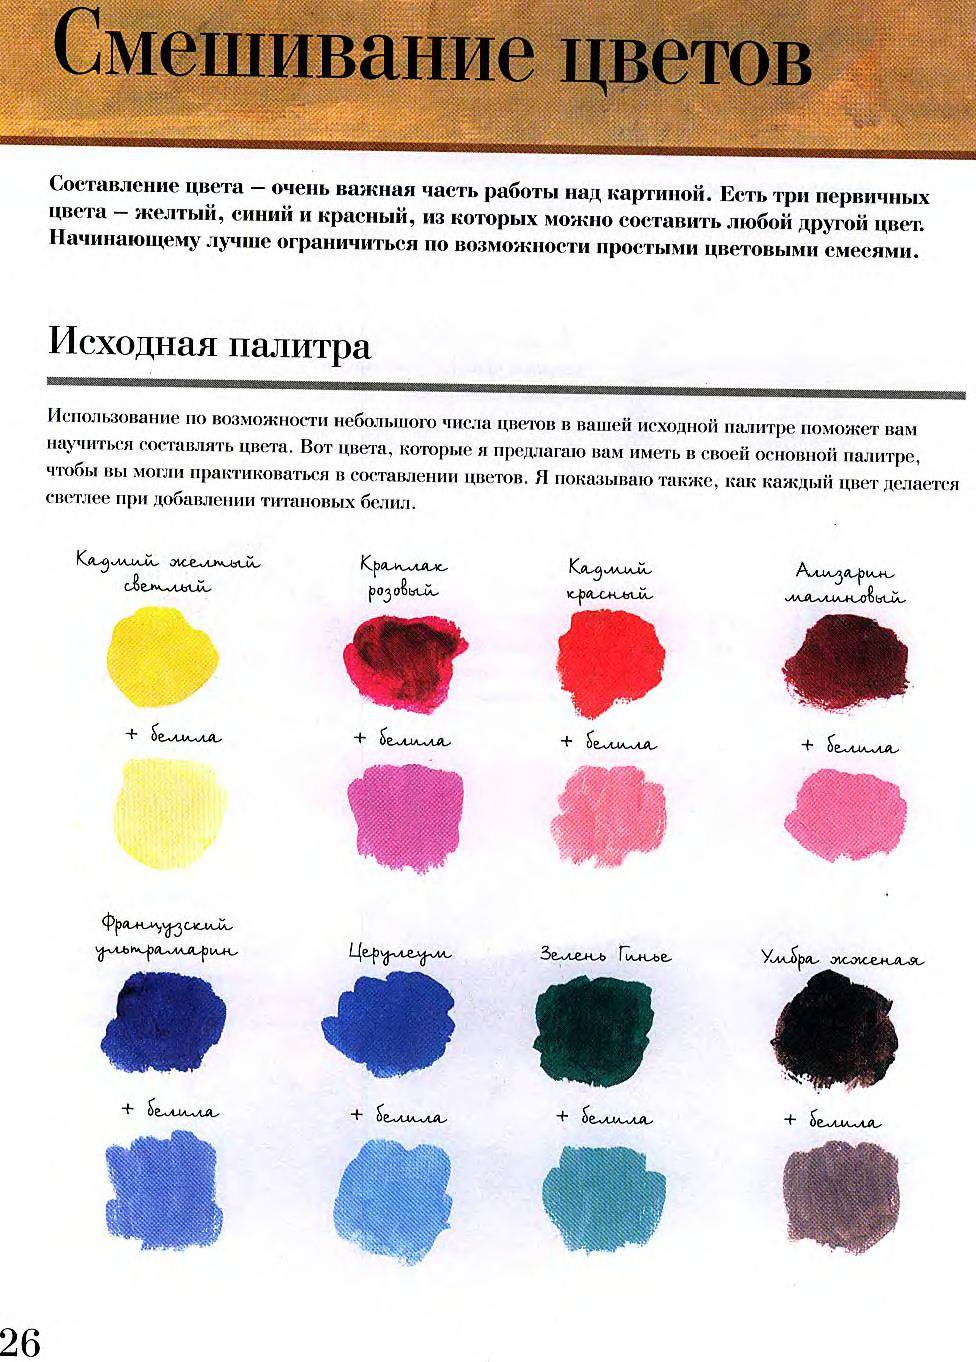 Как сделать рисунки на ногтях акриловыми красками пошагово 27